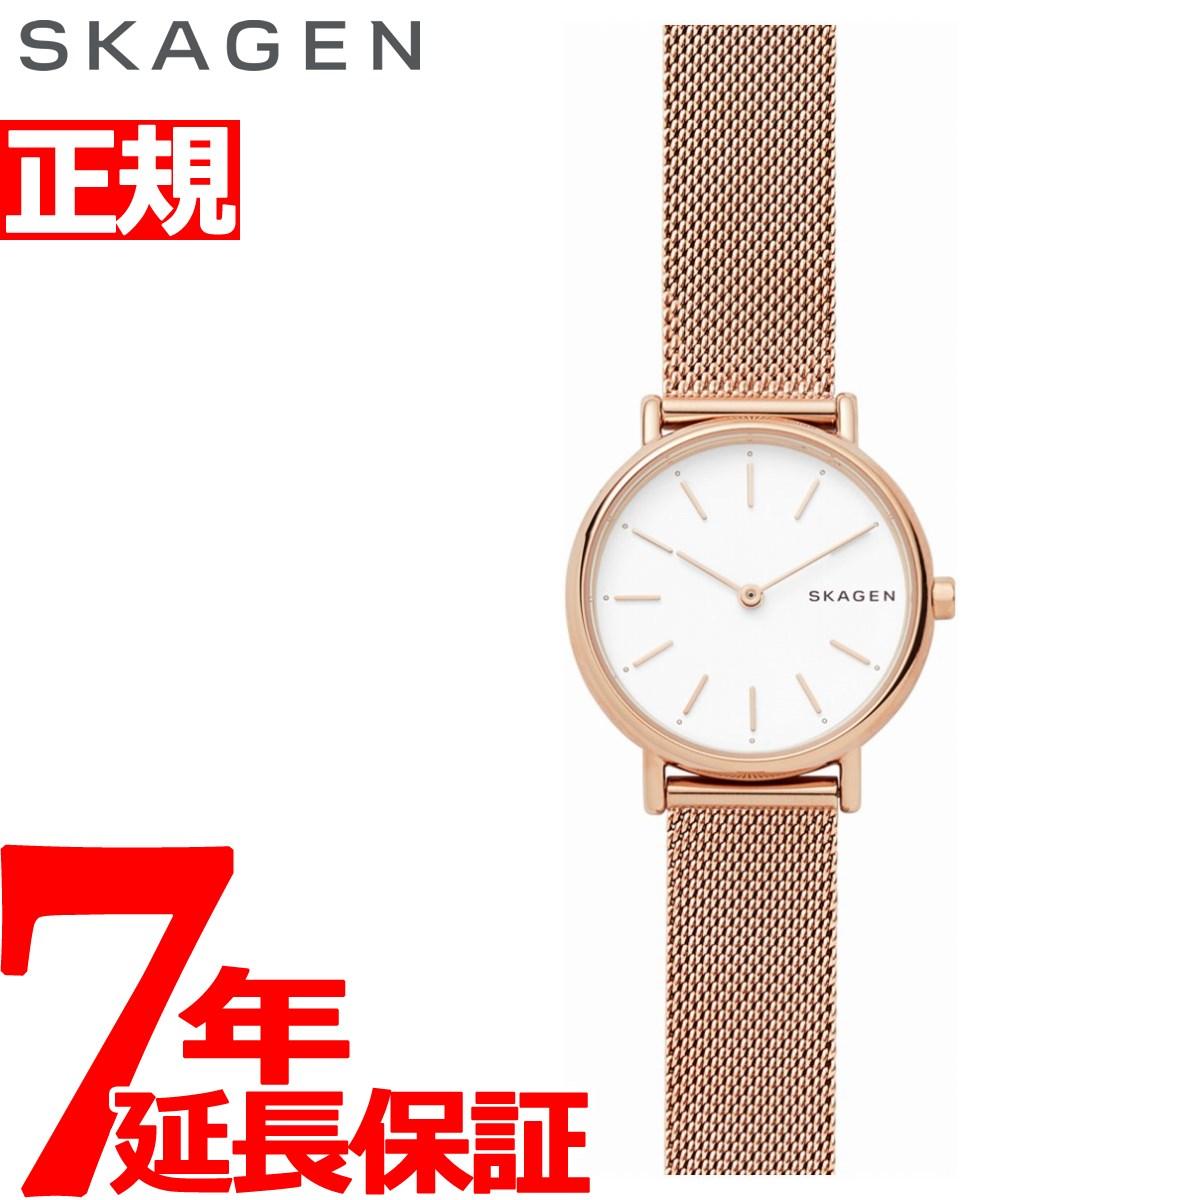 スカーゲン SKAGEN 腕時計 レディース シグネチャー SIGNATUR SKW2694【2018 新作】